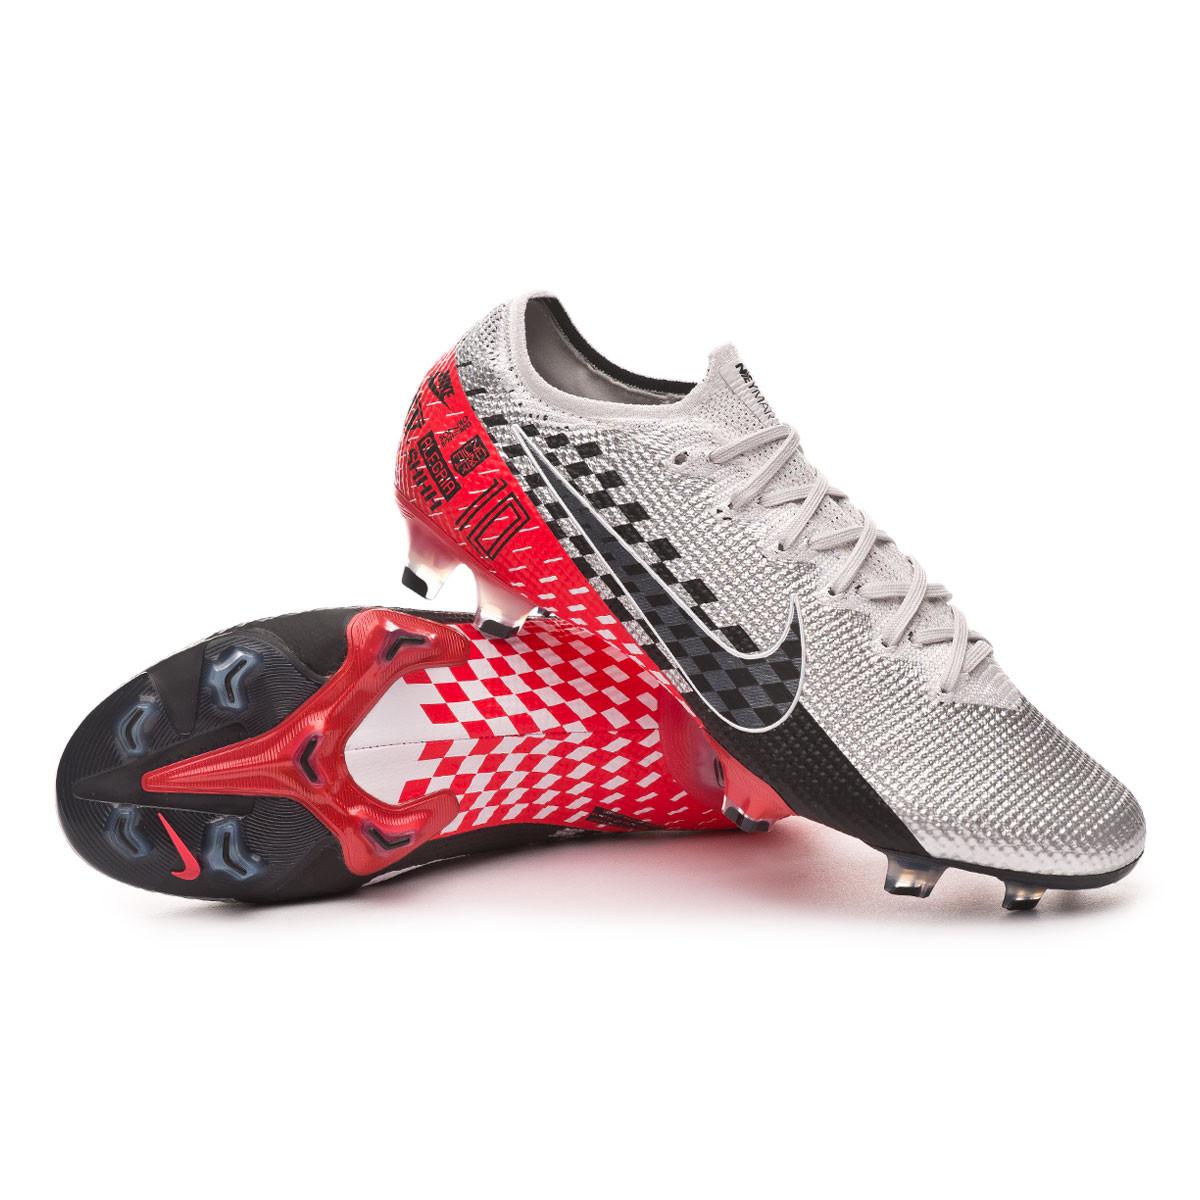 el precio se mantiene estable brillante n color construcción racional Football Boots Nike Mercurial Vapor XIII Elite FG Neymar Jr Chrome ...